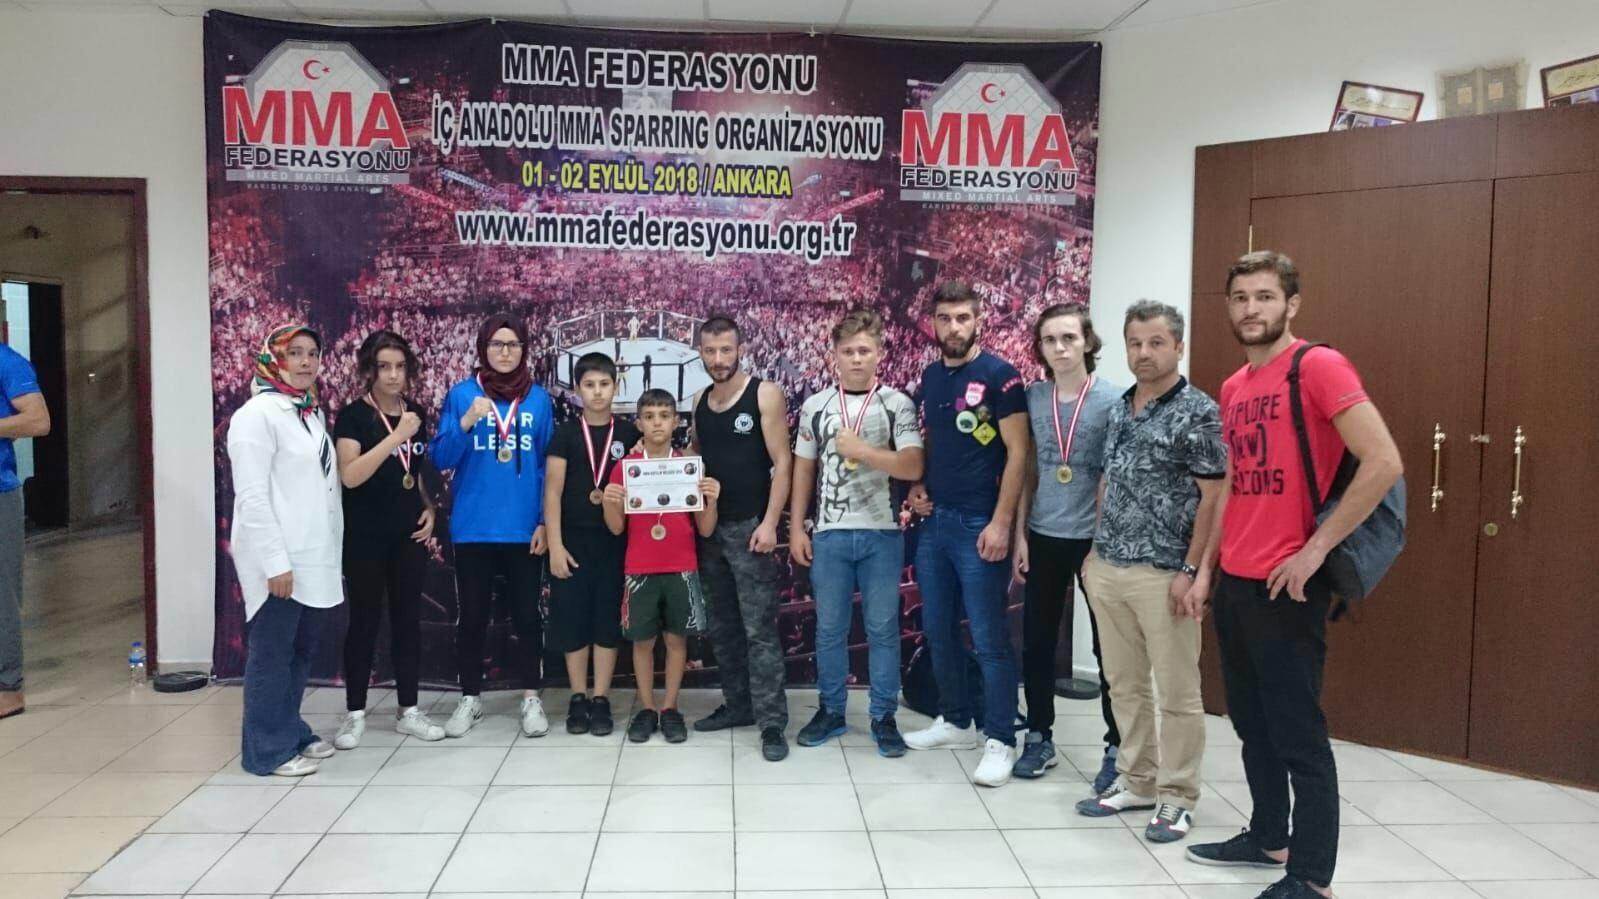 Karma Dövüş şampiyonasında Kemaliye'den Merve Uzunal 2. Oldu.